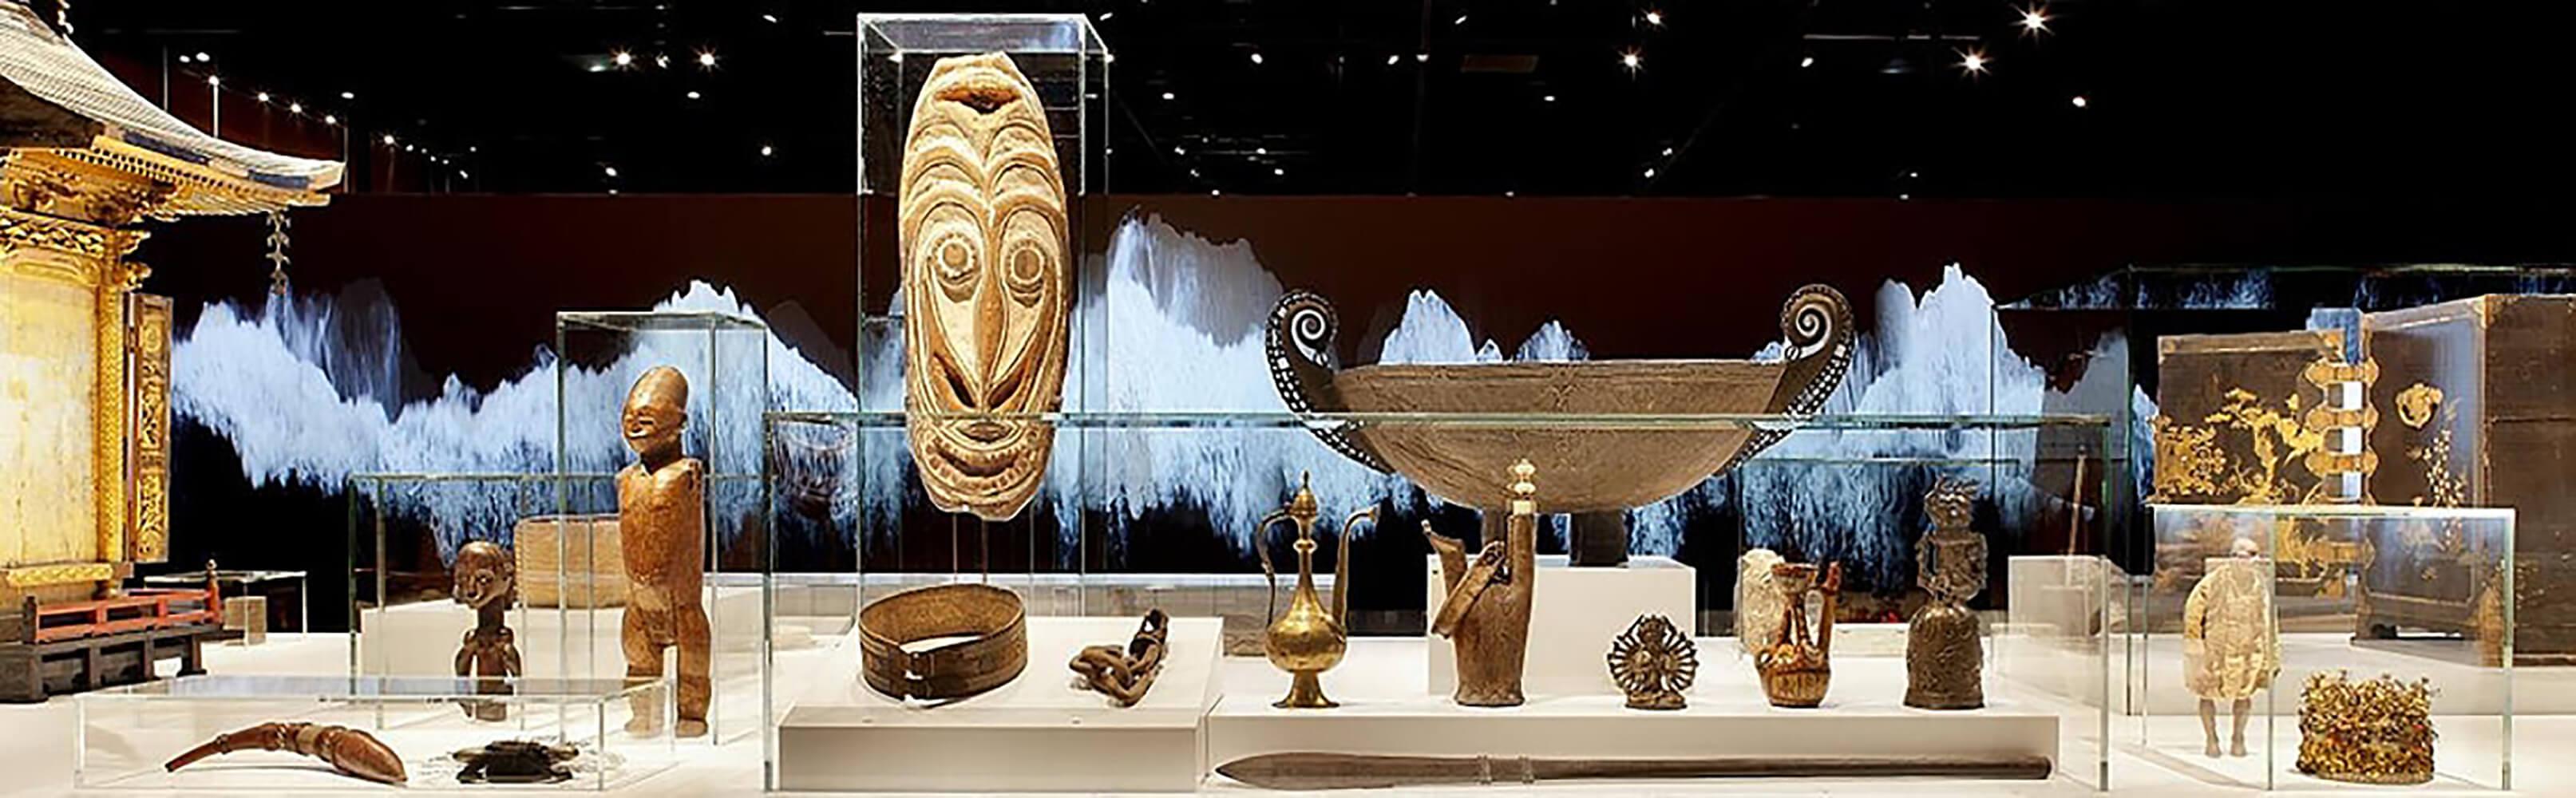 MEG - Musée d'ethnographie de Genève 1